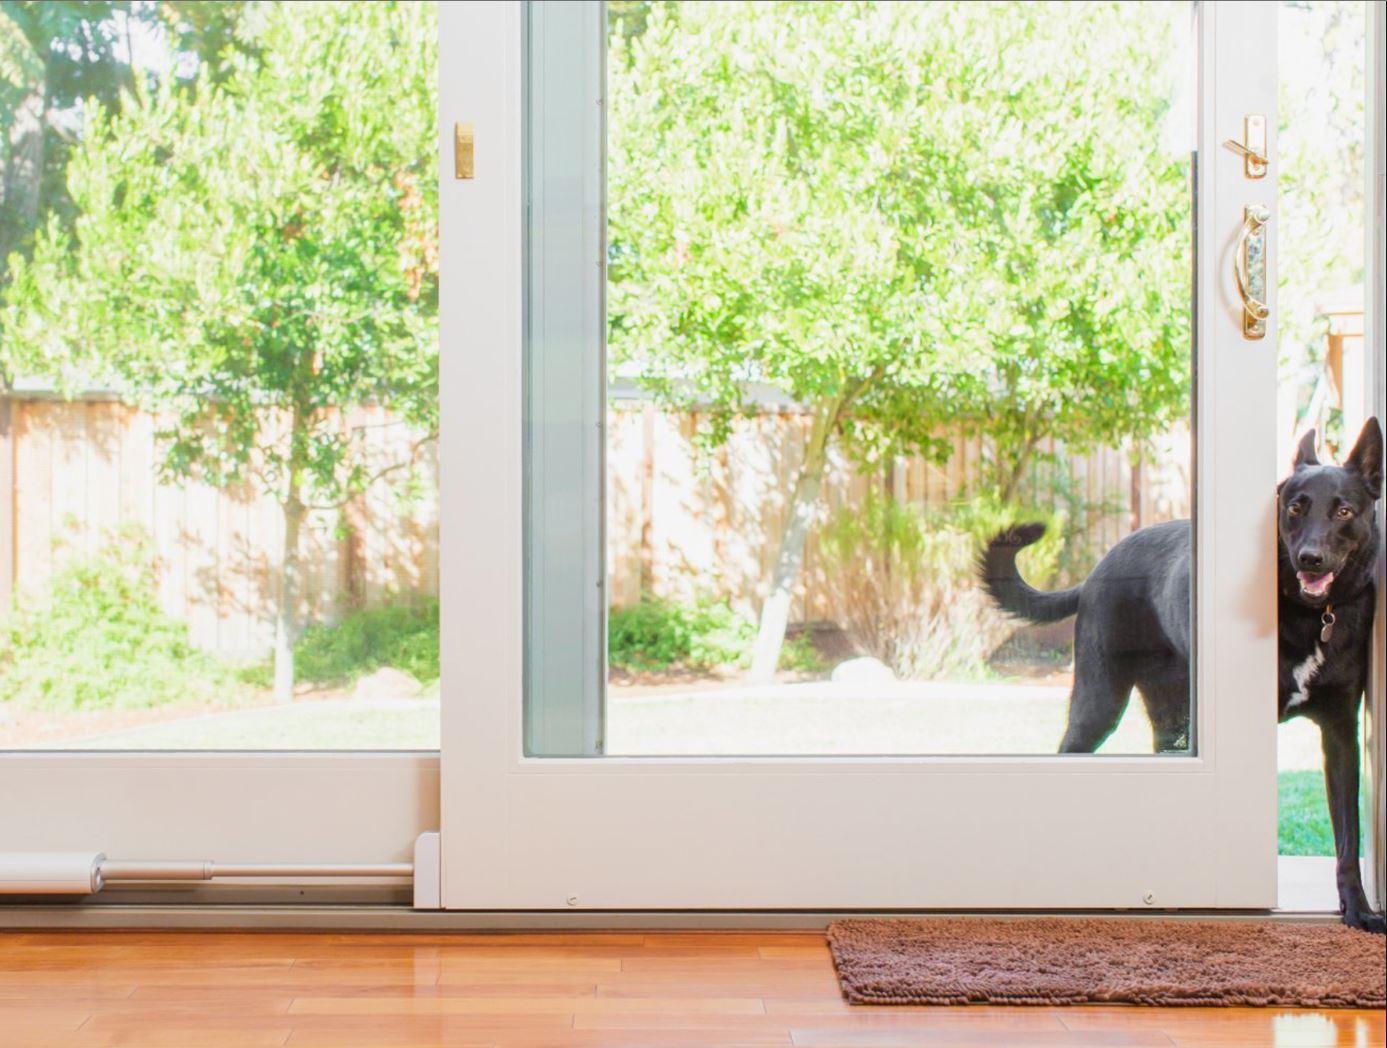 Smart Home Tech CES Las Vegas 06 Pet Smart Doors Hoey Team eXp Realty